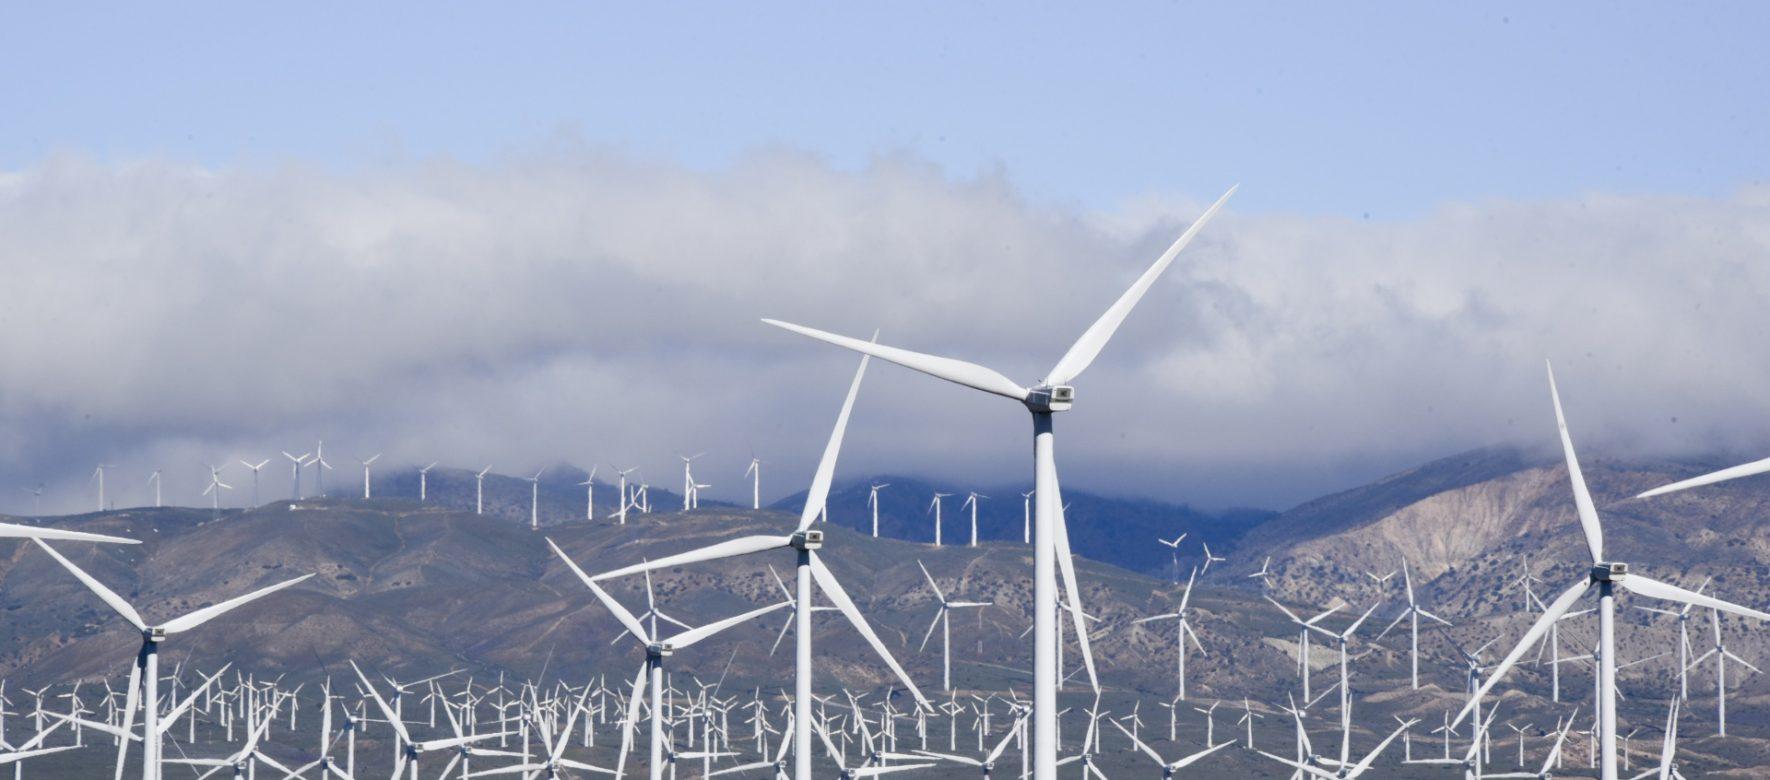 Maroc : Siemens Gamesa détient 72% du marché des centrales éoliennes du pays